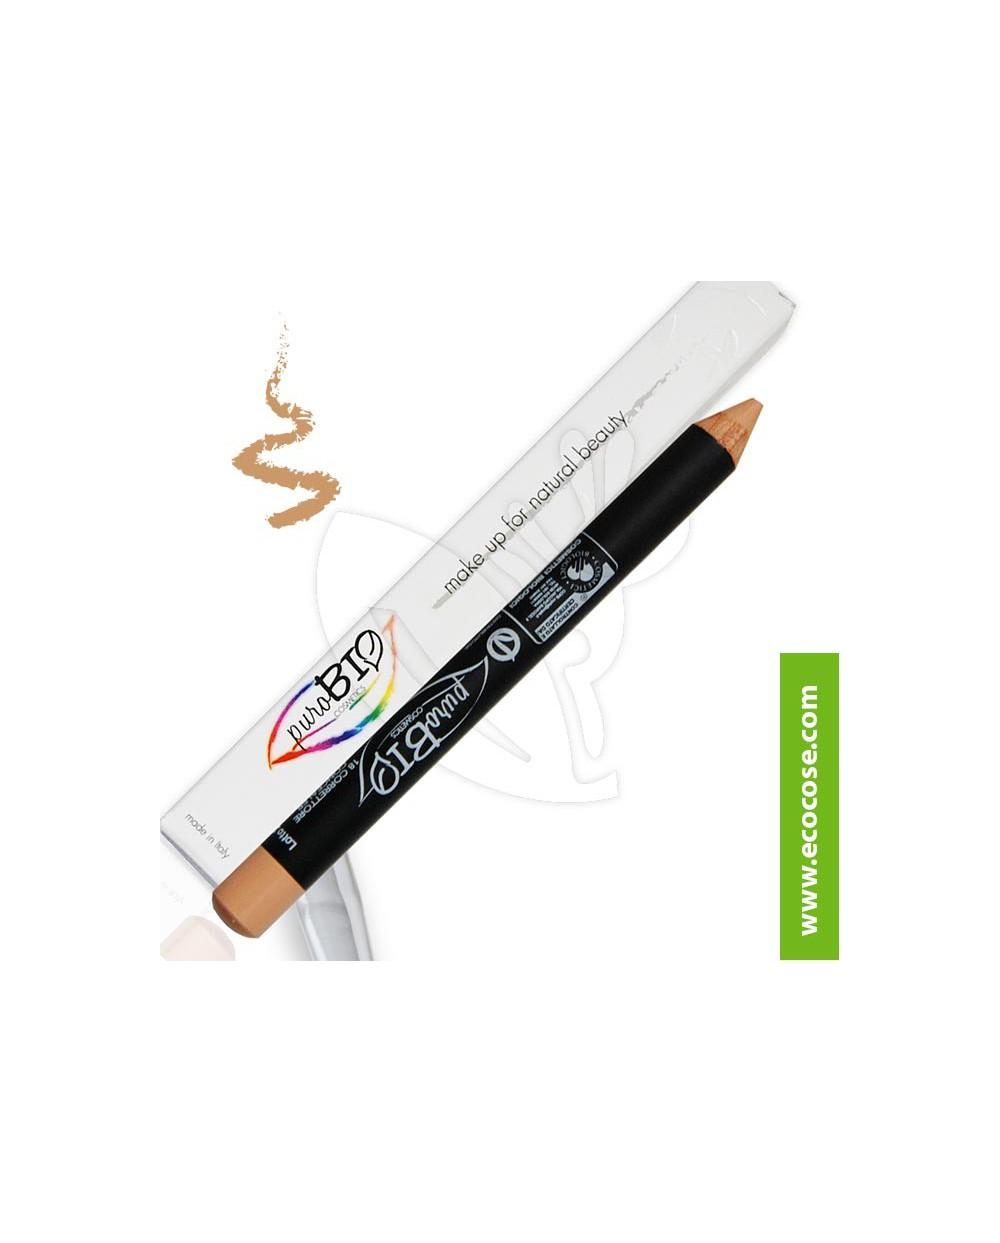 PuroBIO Cosmetics - Matitone Biologico Correttore 18 Beige Aranciato